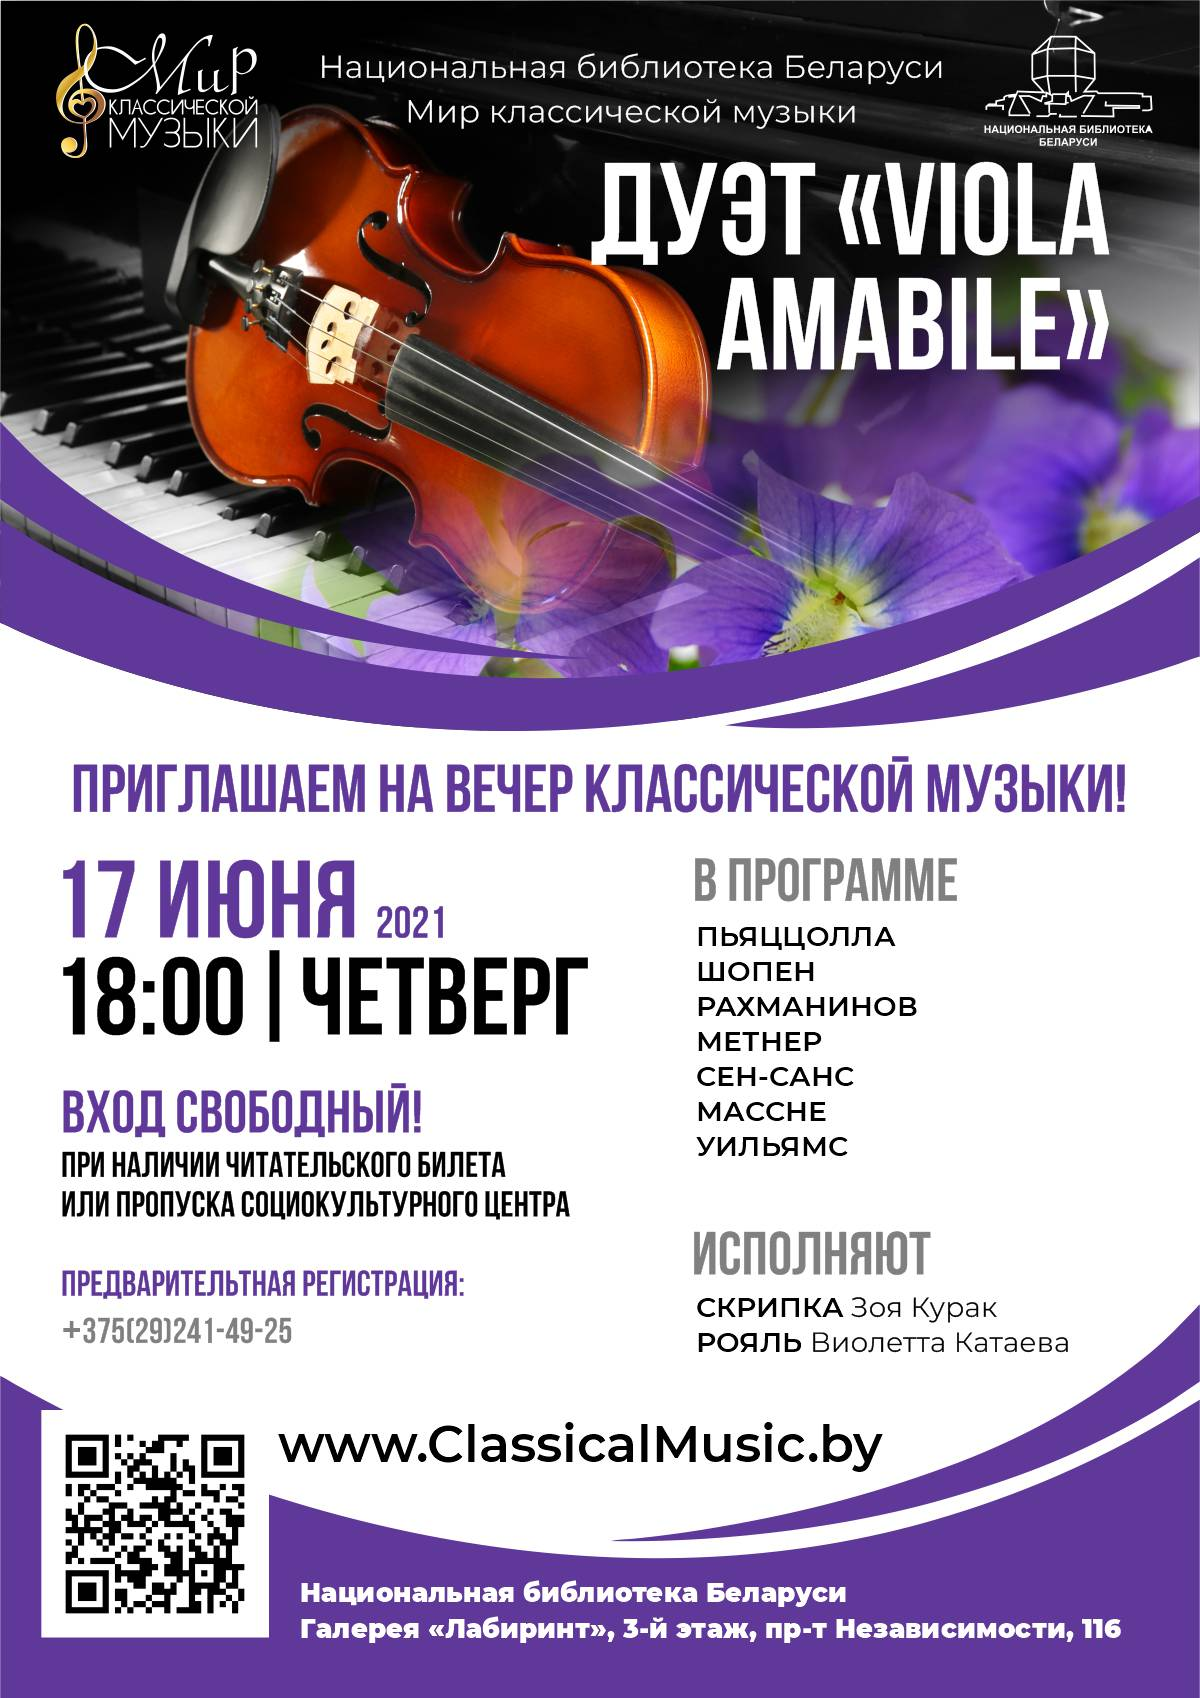 Концерт — дуэт Viola Amabile